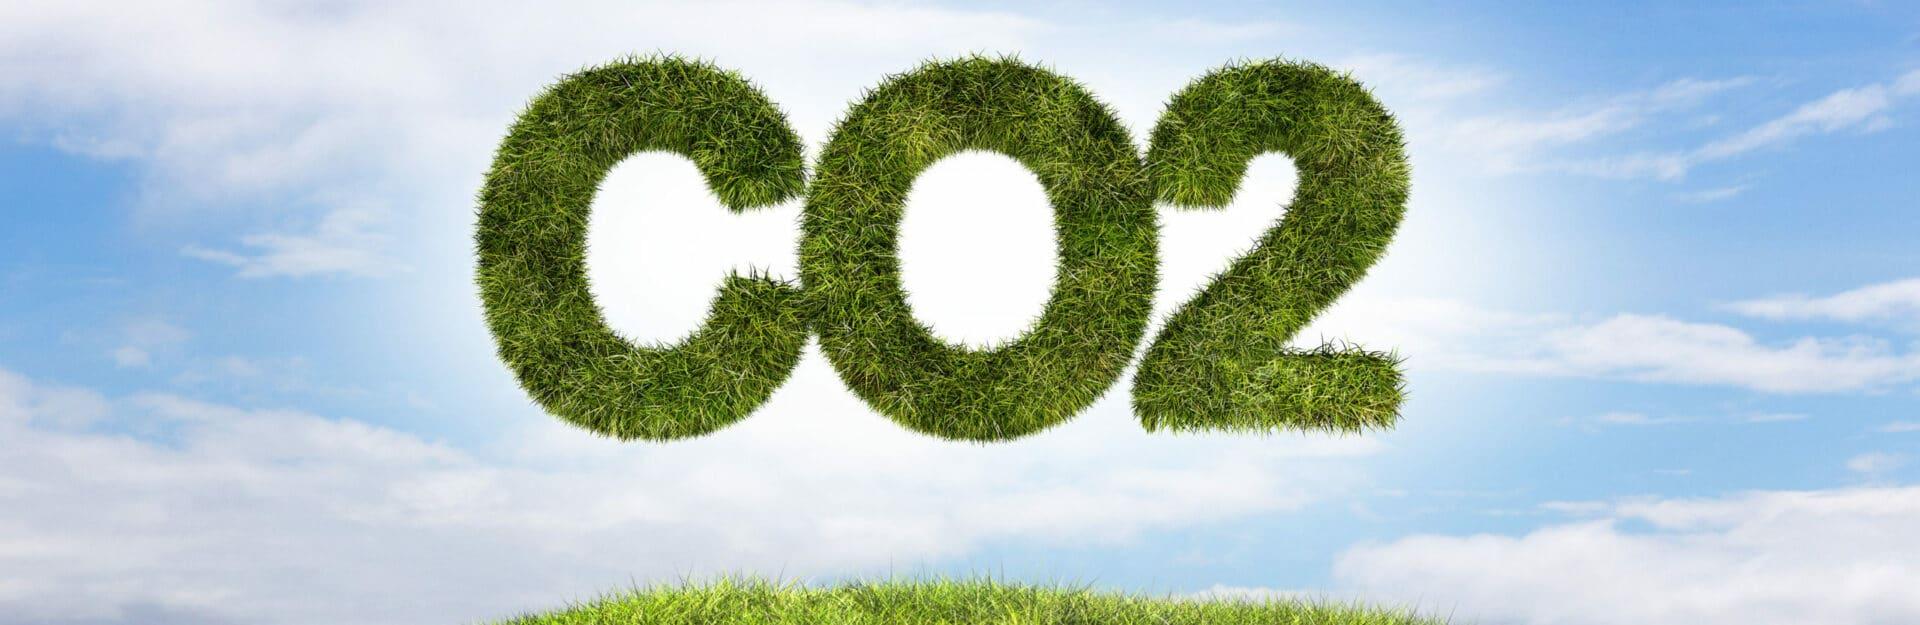 Empreinte Carbone d'Helexia – 2020 <br>  <h2 class='secondtitre'>Empreinte Carbone d'Helexia - 2020</h2>